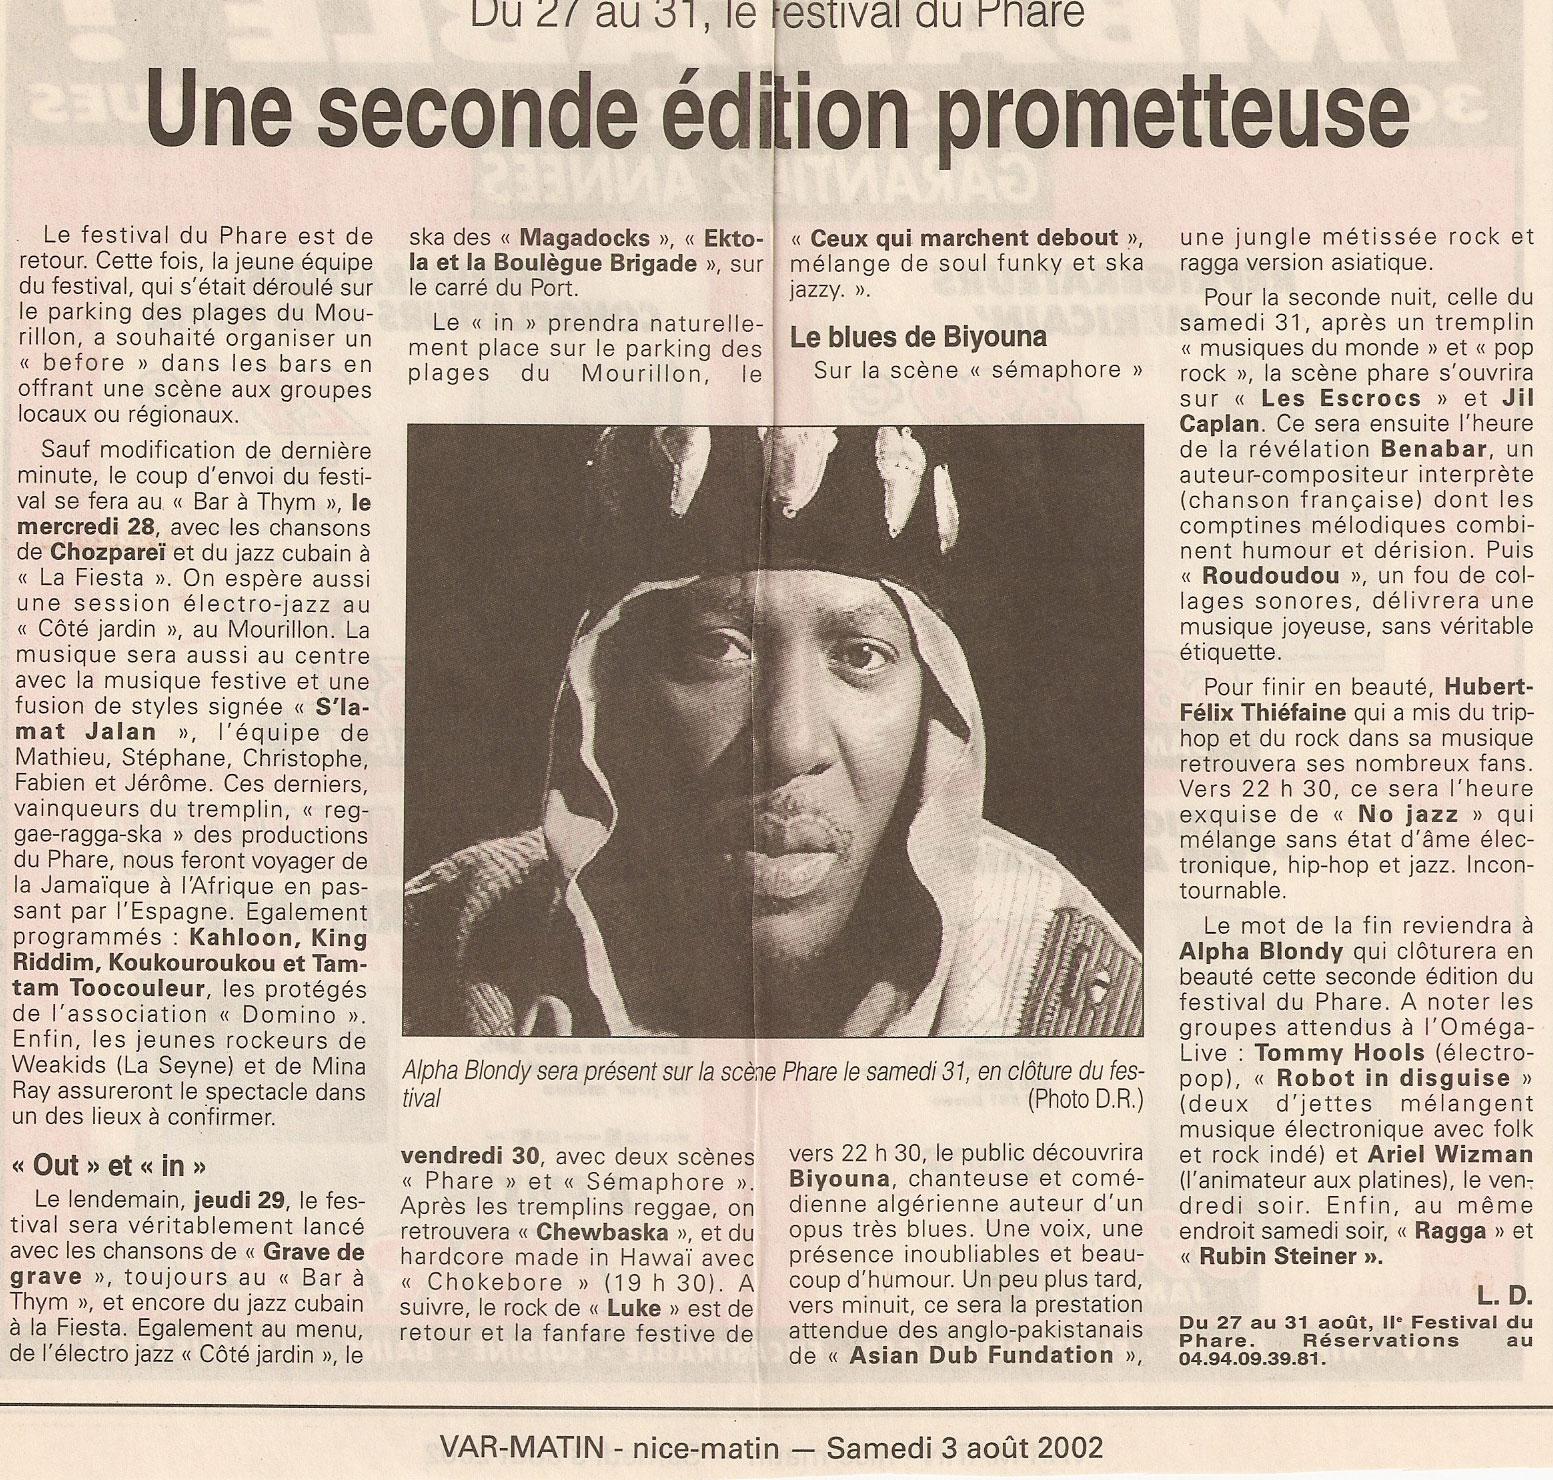 Festival du Phare  | Toulon | 2002 | Revue de presse Festival du Phare  | Toulon | 2002 | Revue de presse var matin une edition prome